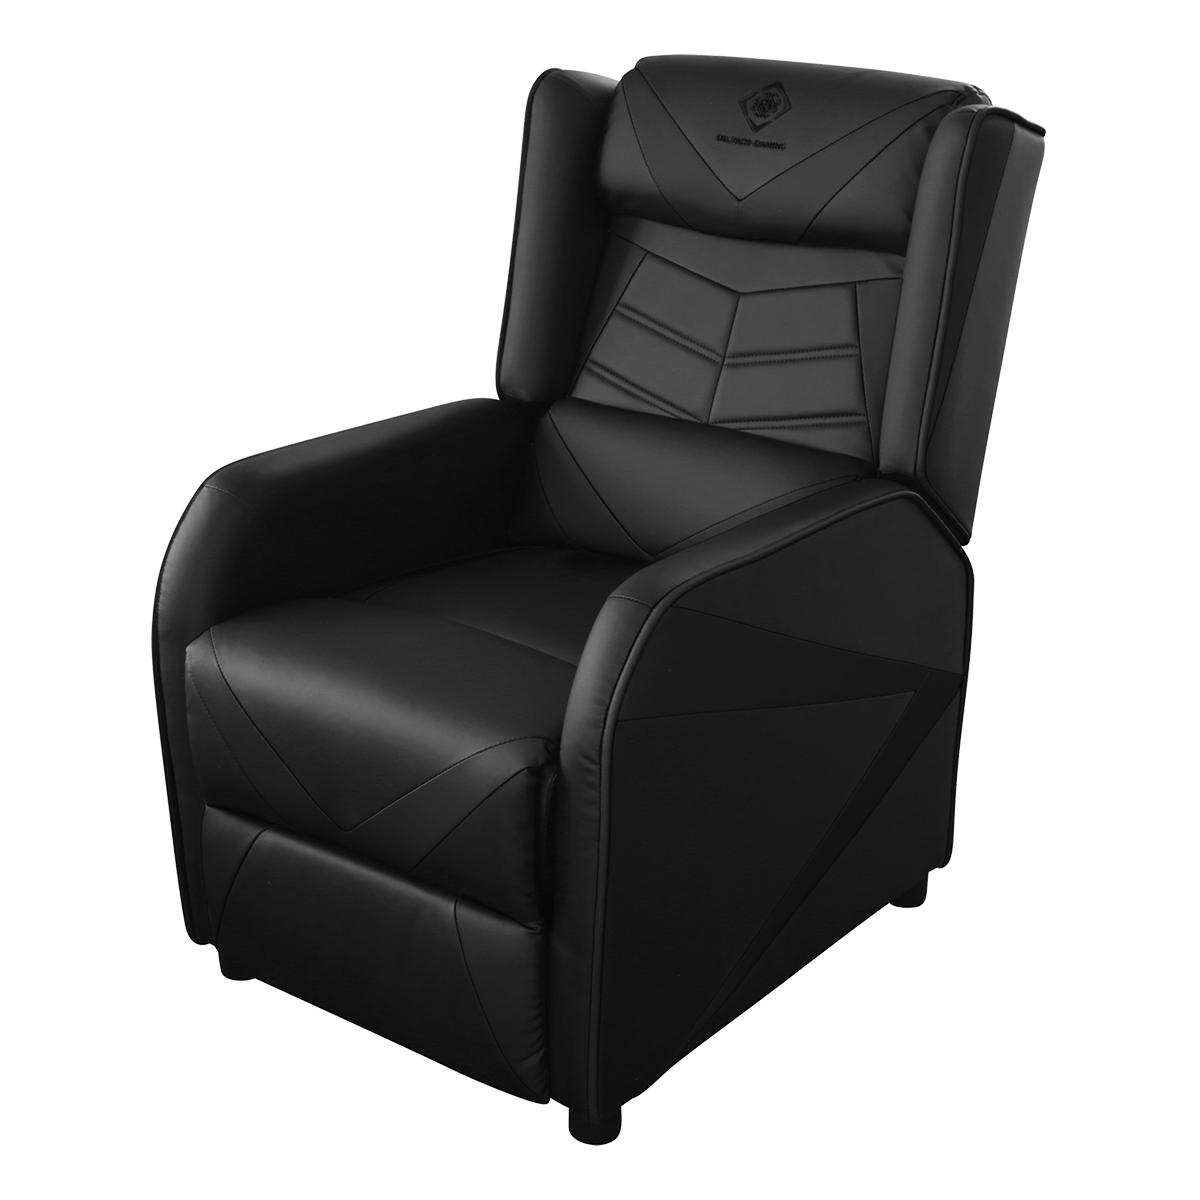 Deltaco Gaming DC420 Fåtölj i konstläder, recliner, svart